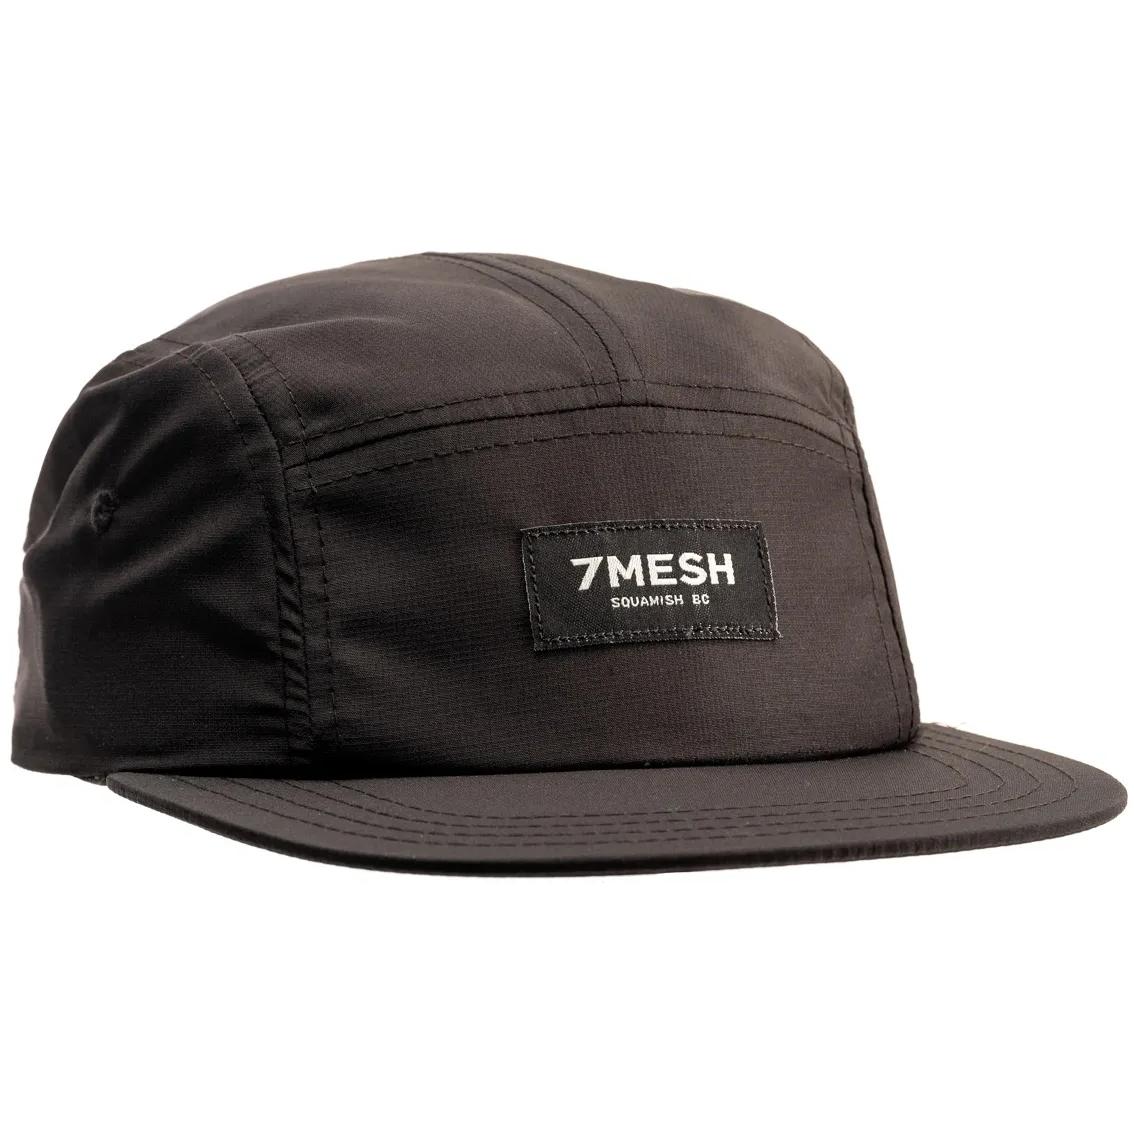 7mesh Trailside Gorra - Black